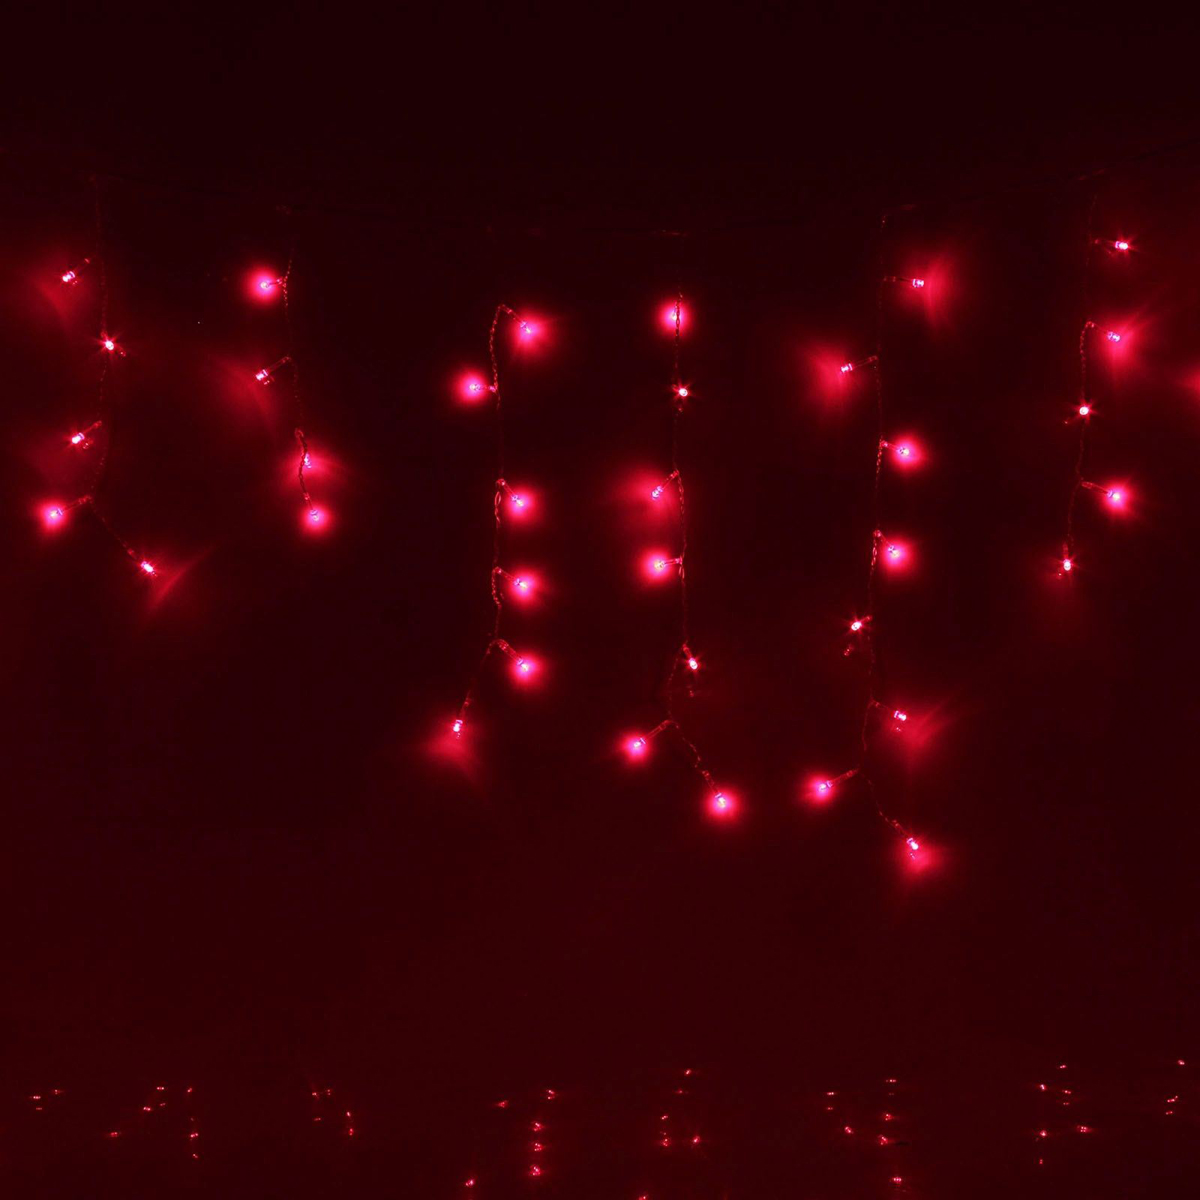 Гирлянда светодиодная Luazon Бахрома, 8 режимов, 120 ламп, 220 V, цвет: красный, 2,4 х 0,6 м. 671615